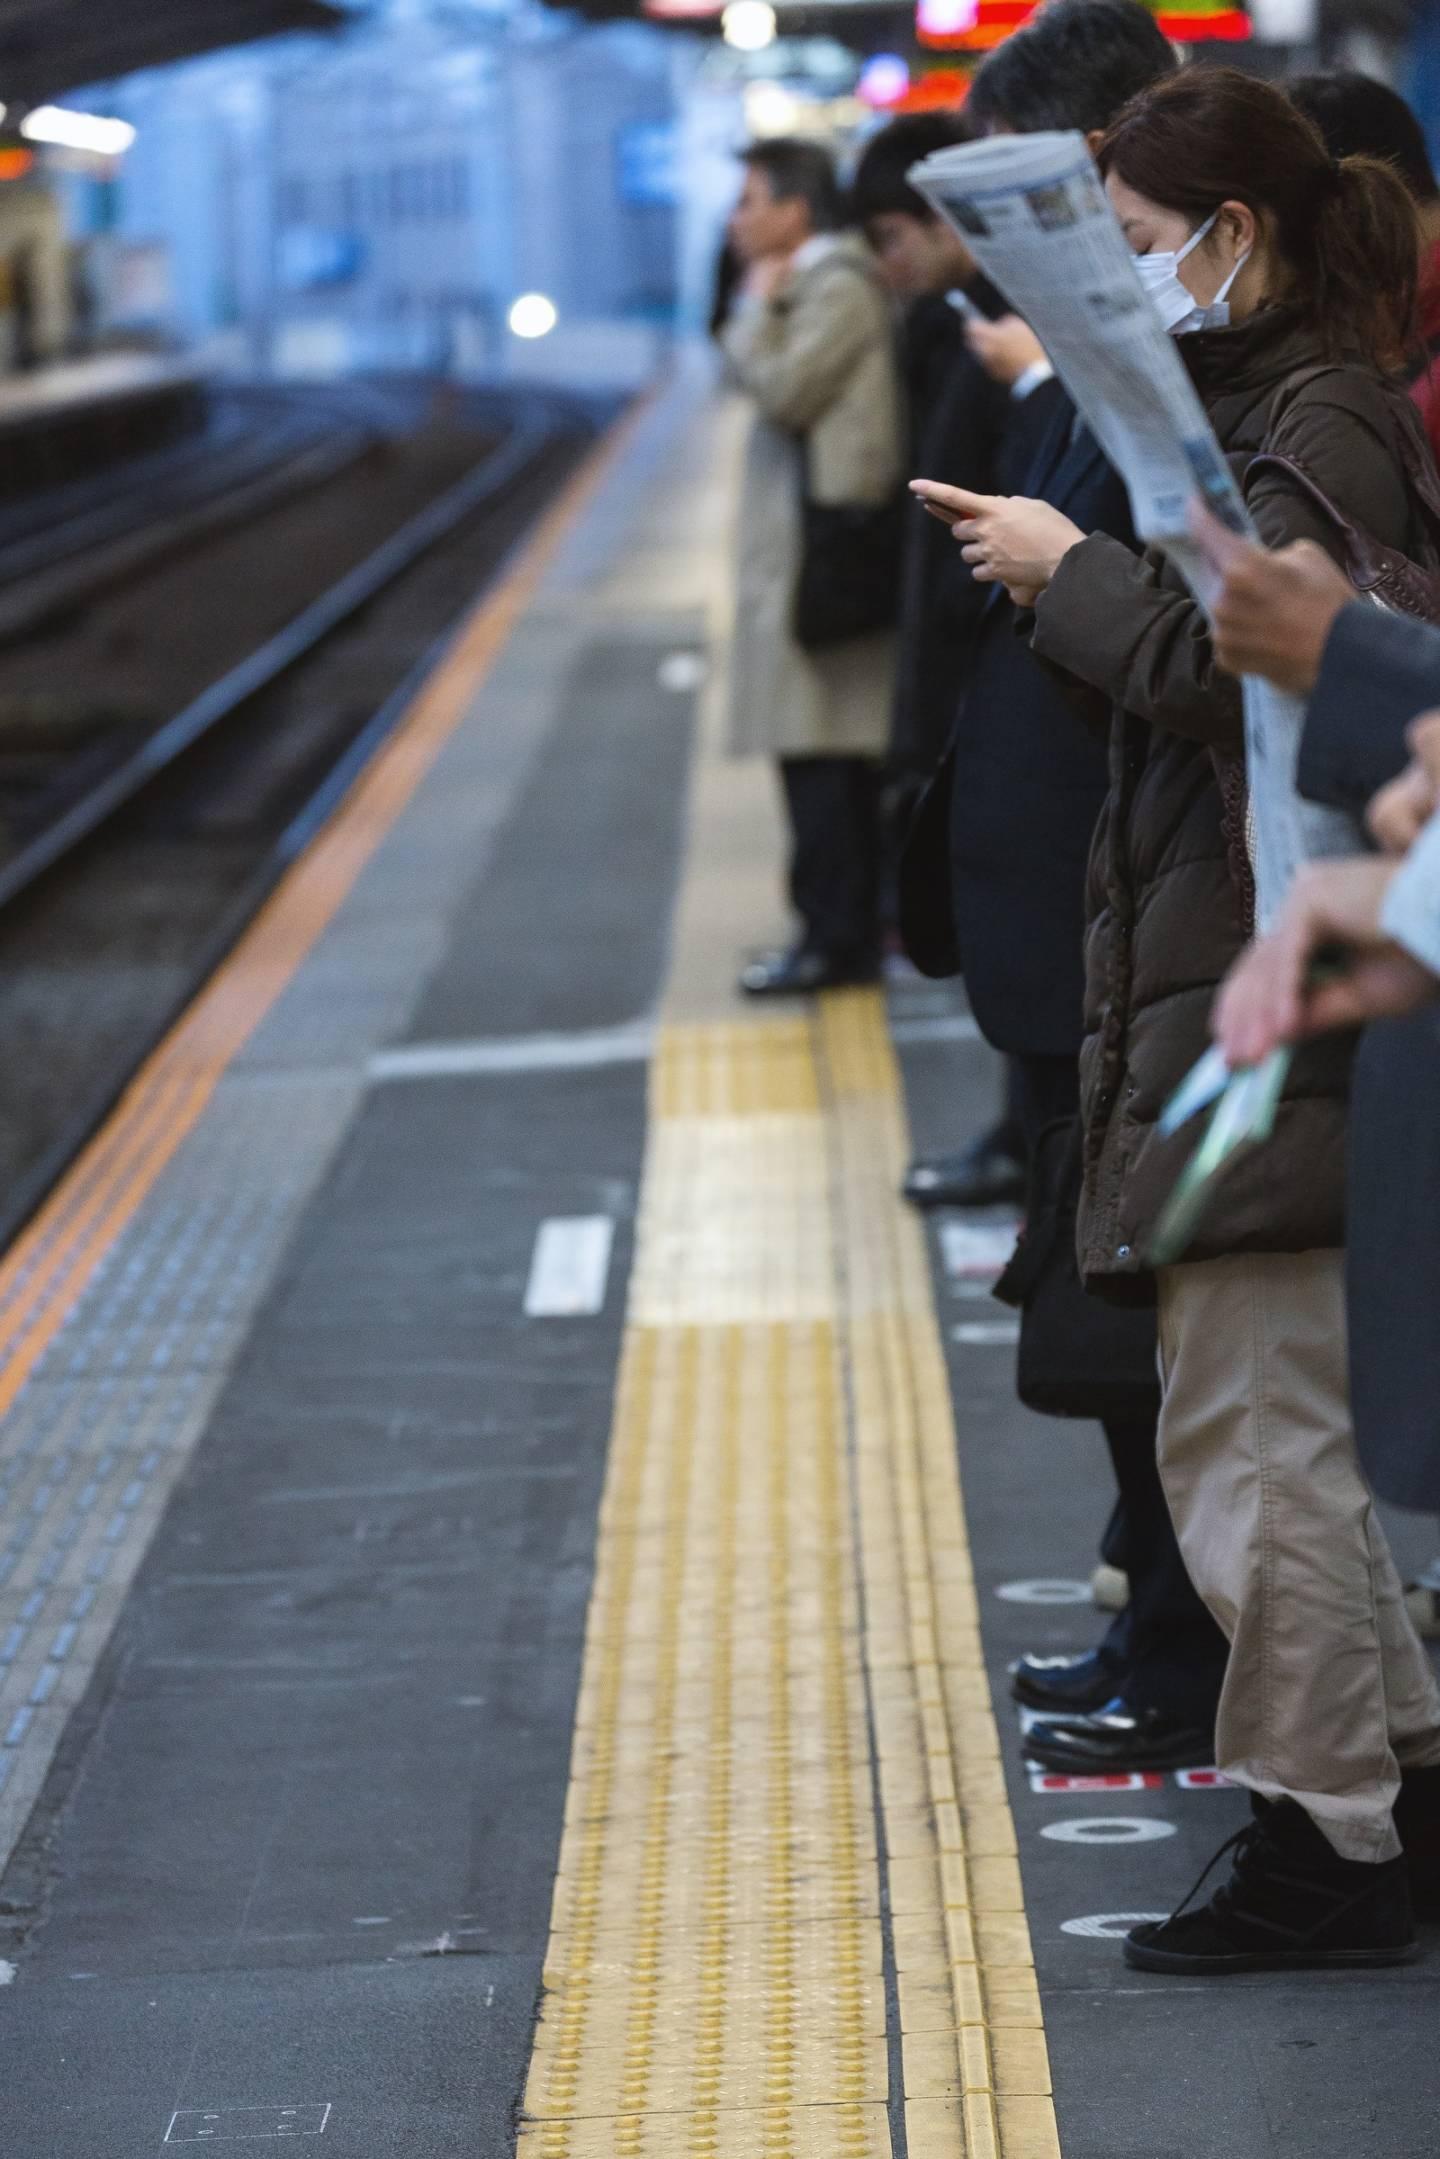 wartende bahnfahrer am Bahngleis